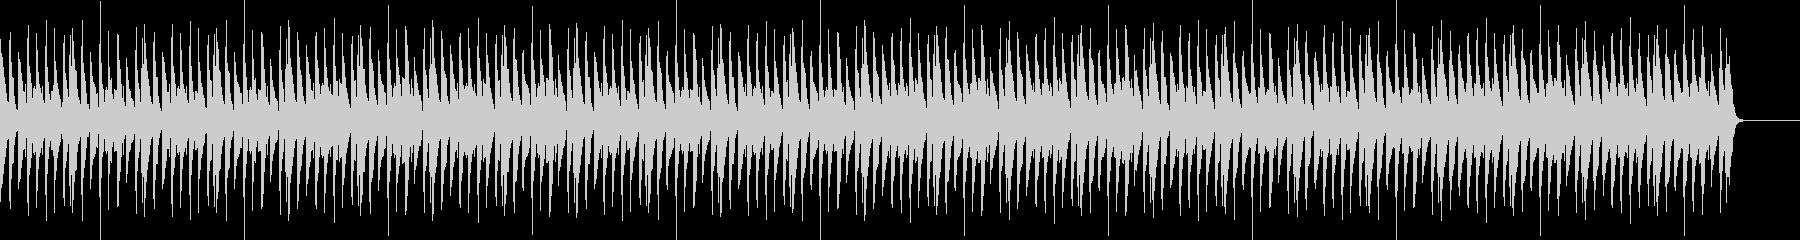 オルゴール・ウクレレ・楽しい・ポップスの未再生の波形